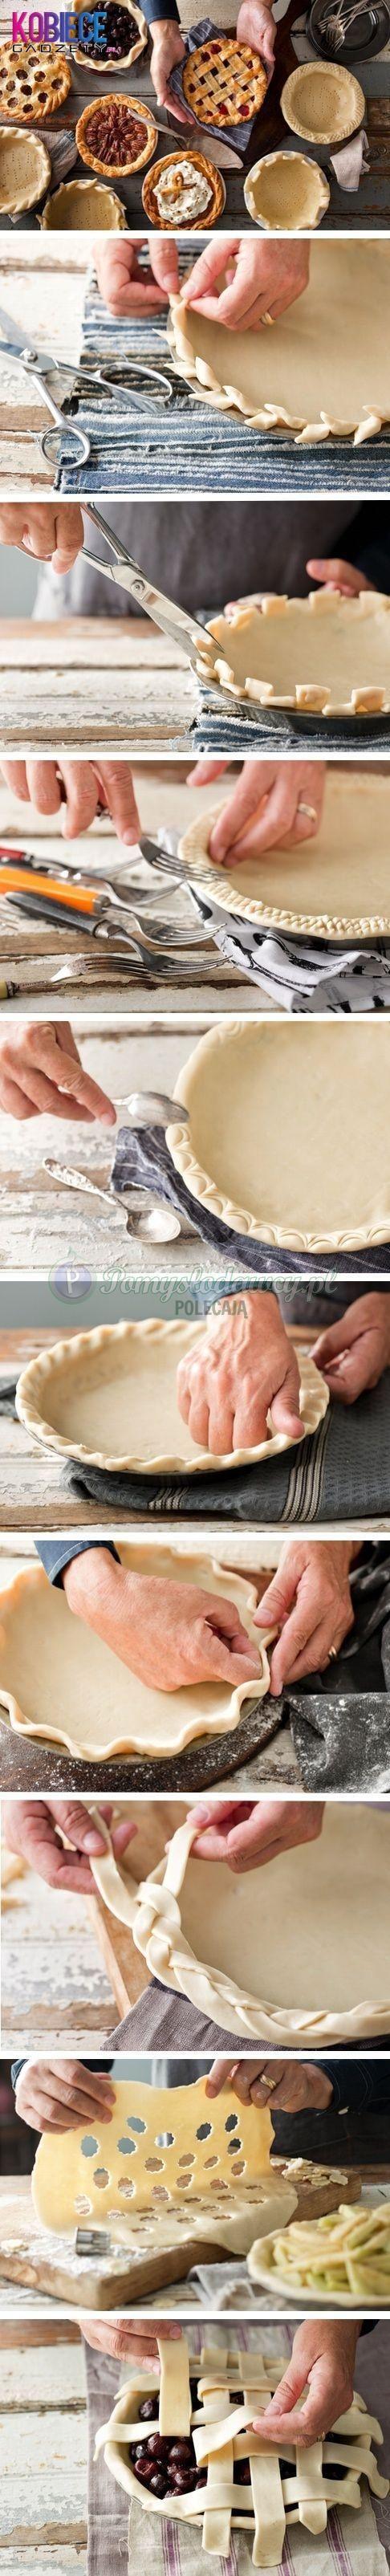 pâte décorative sur un gâteau